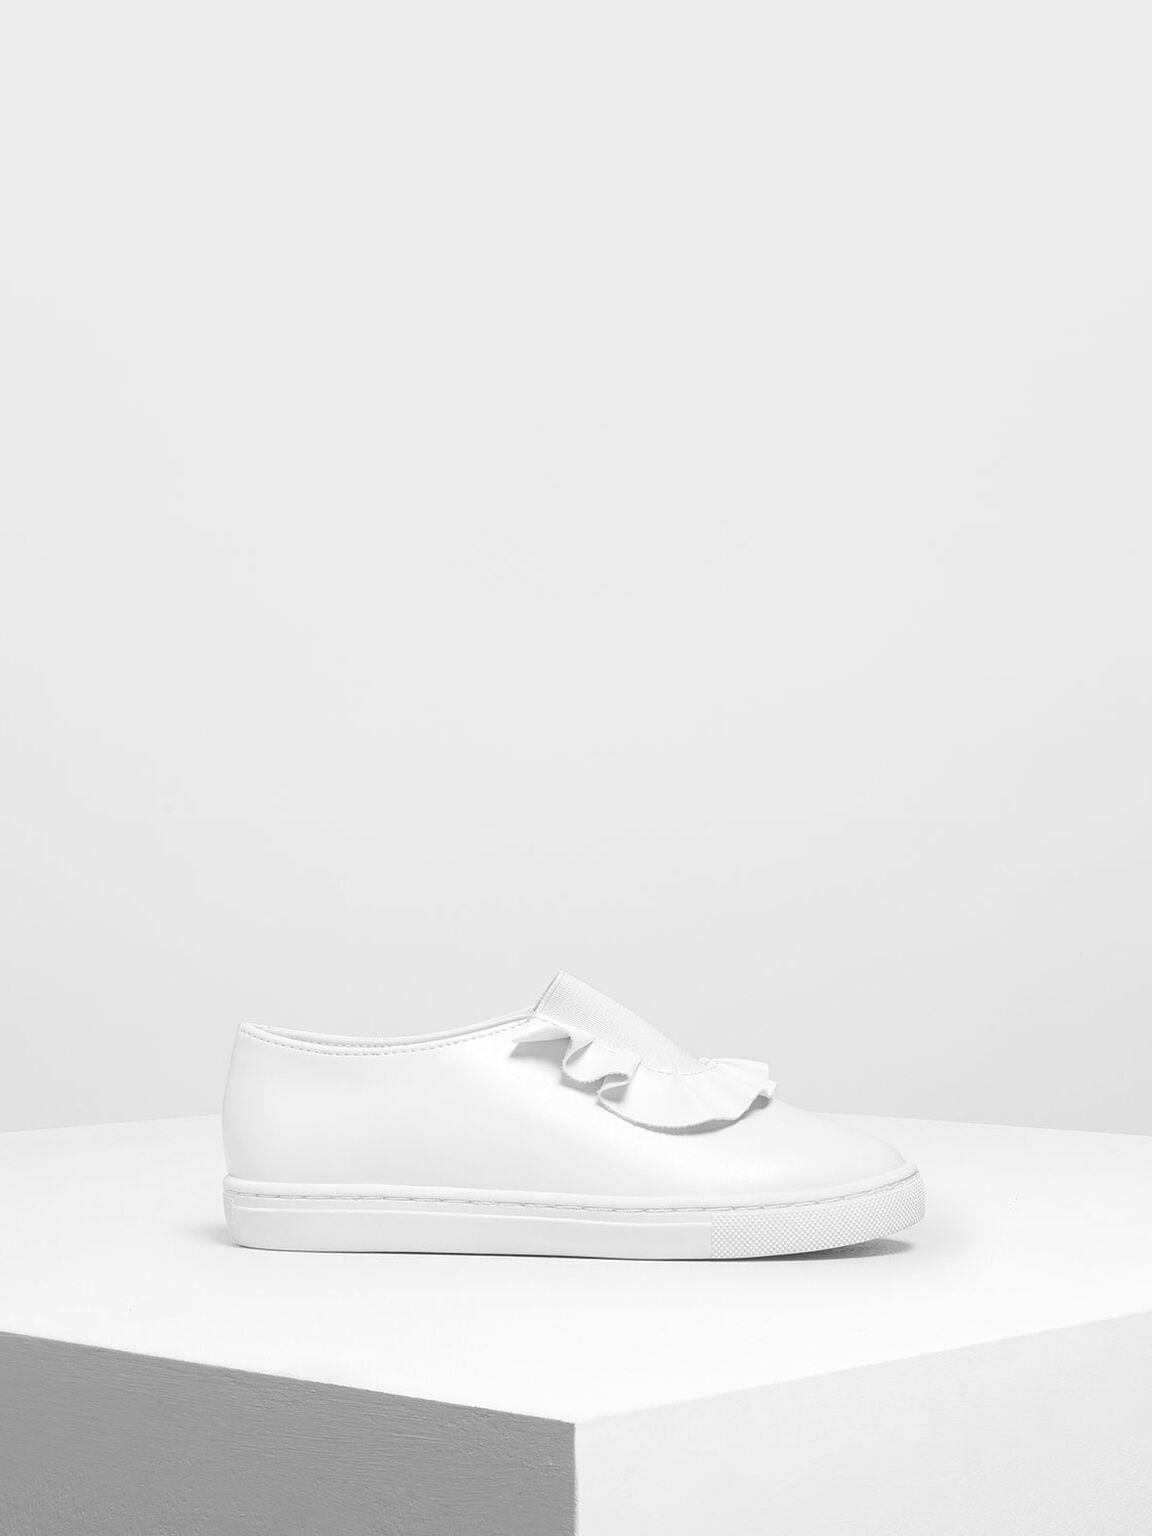 Girls' Frill Trim Slip-On Sneakers, White, hi-res